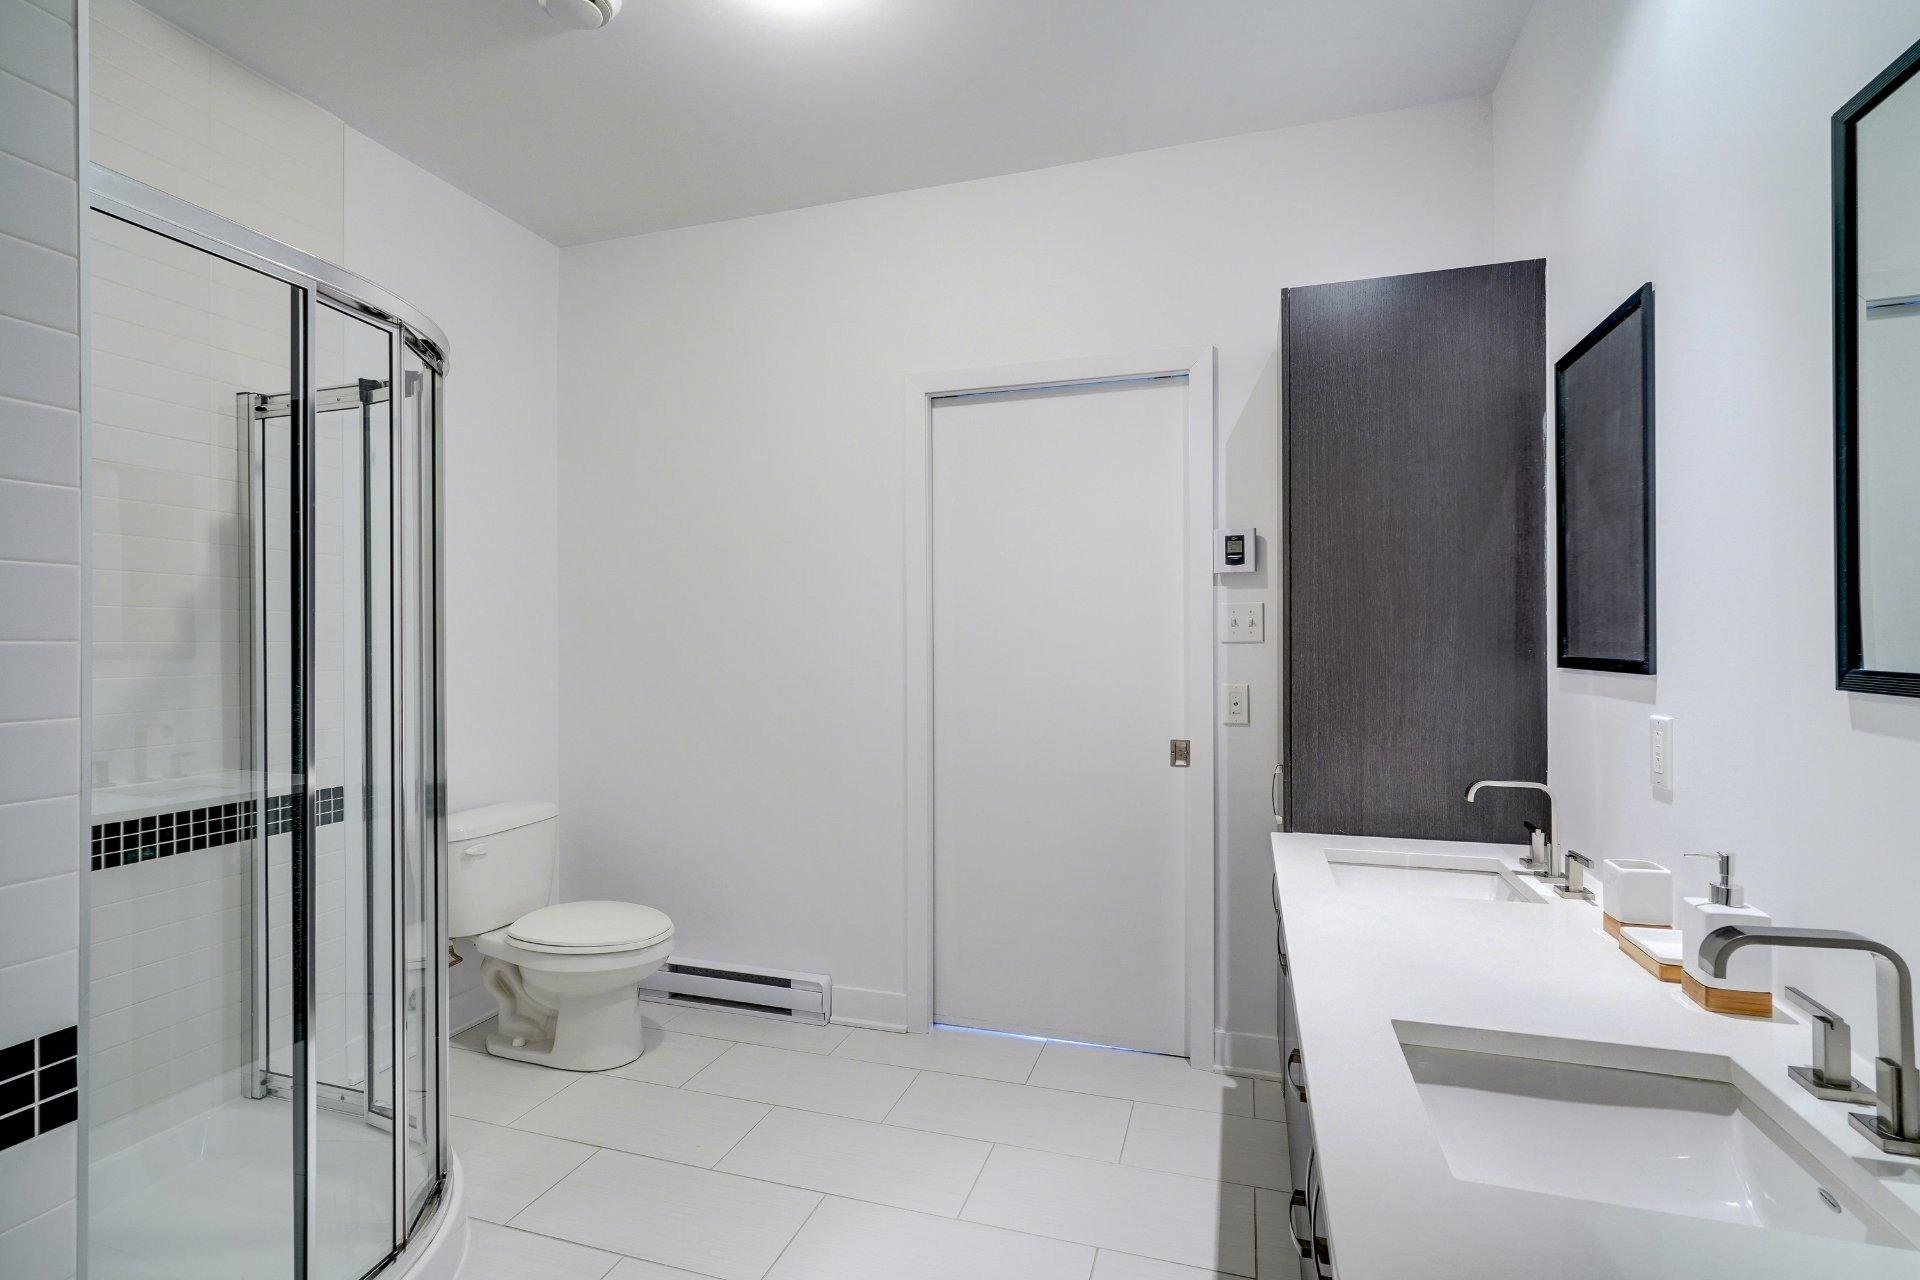 image 12 - Appartement À vendre Lachine Montréal  - 11 pièces